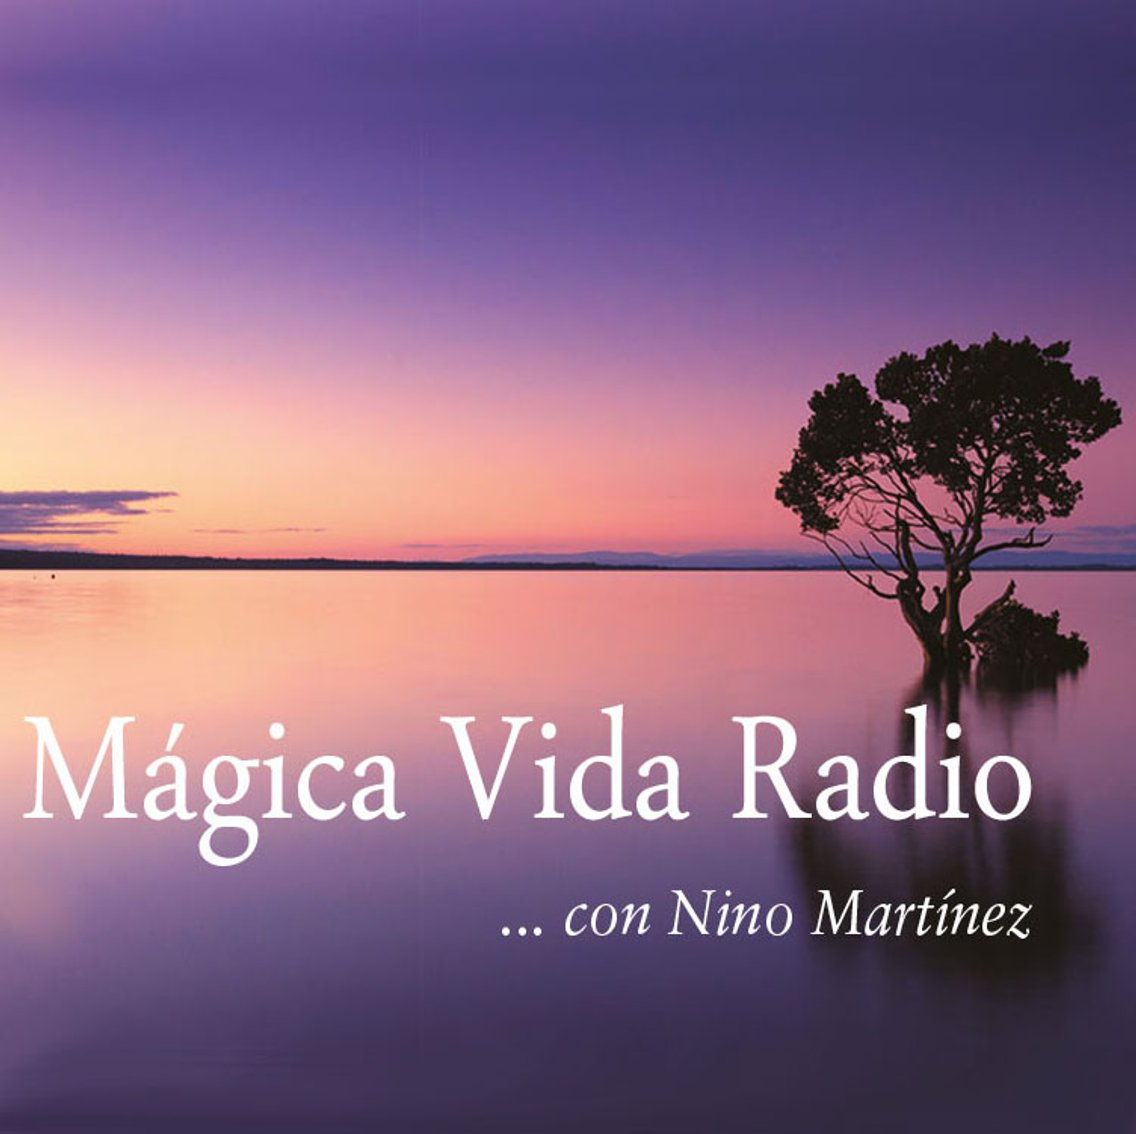 Mágica Vida Radio - immagine di copertina